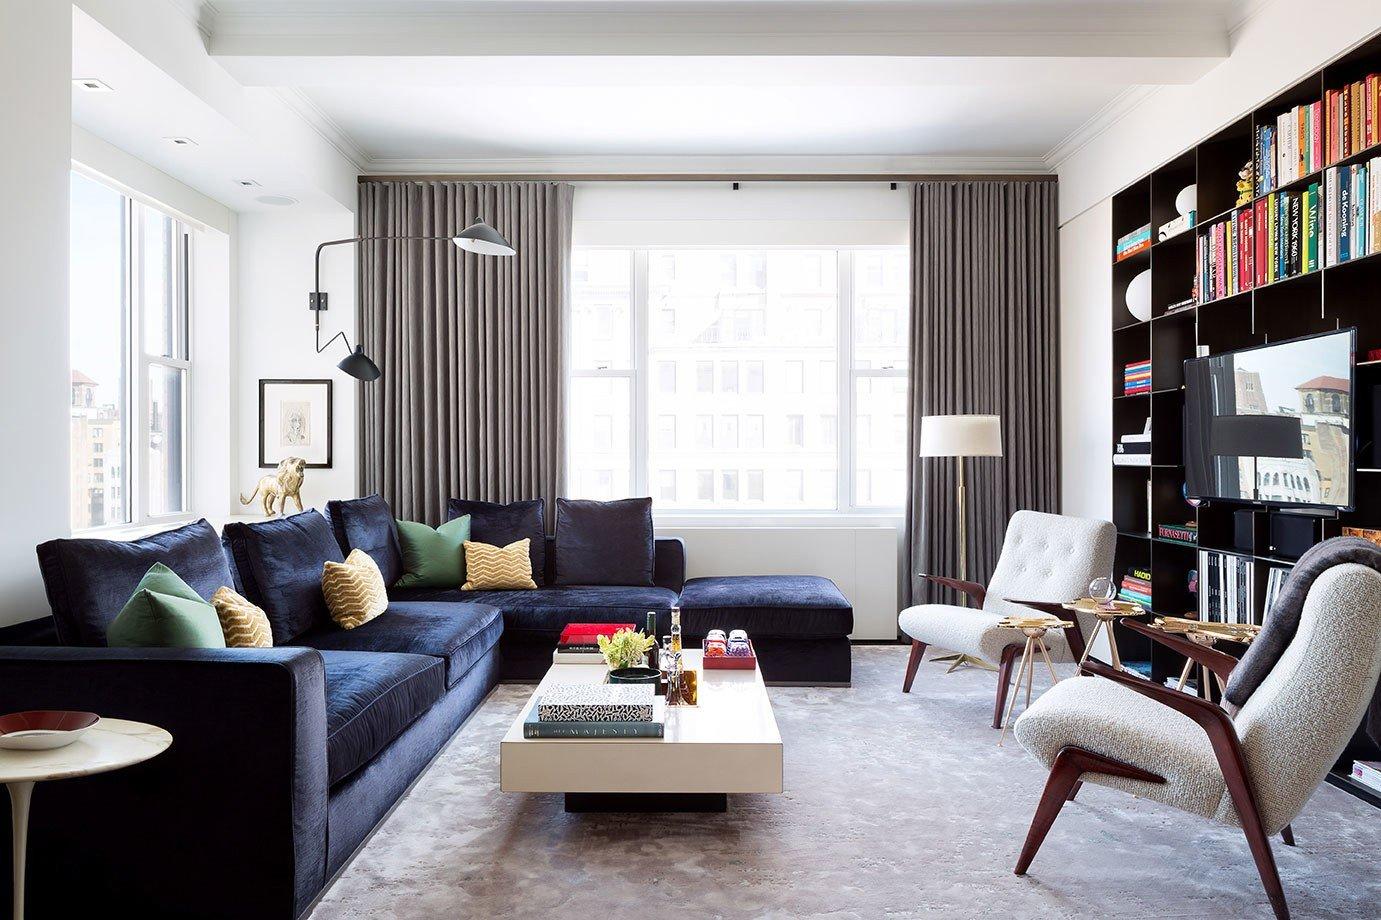 Contemporary Apartment Living Room Best Of tour A Redesigned Prewar New York Apartment